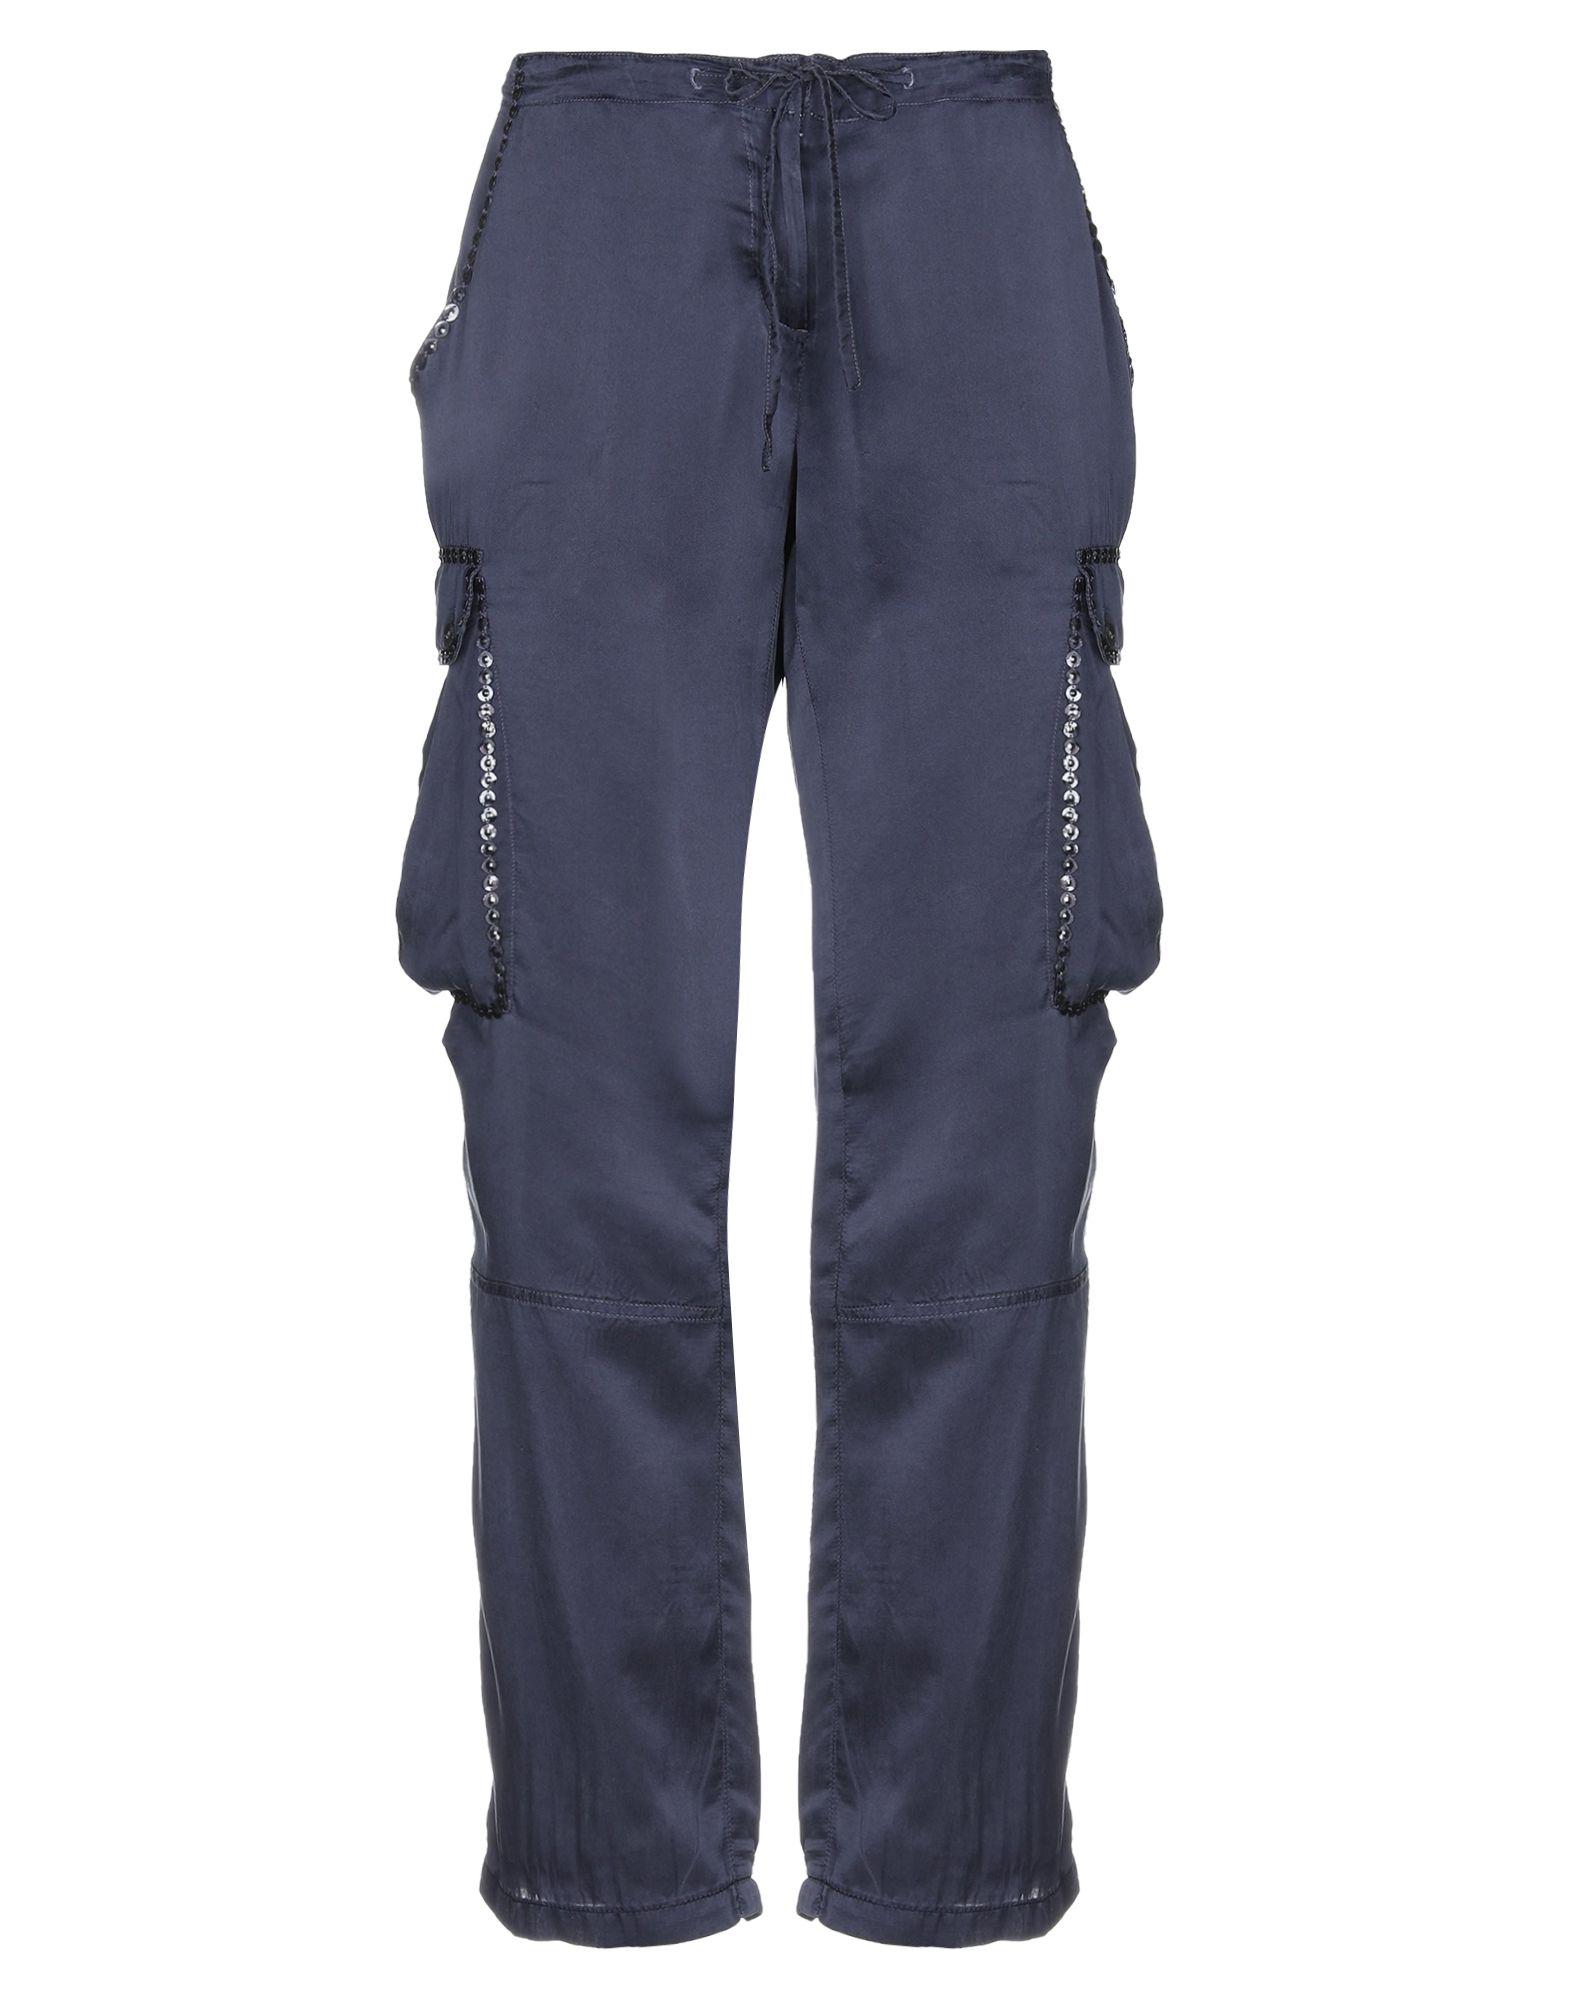 Pantalone P.A.R.O.S.H. damen - 13365731VD